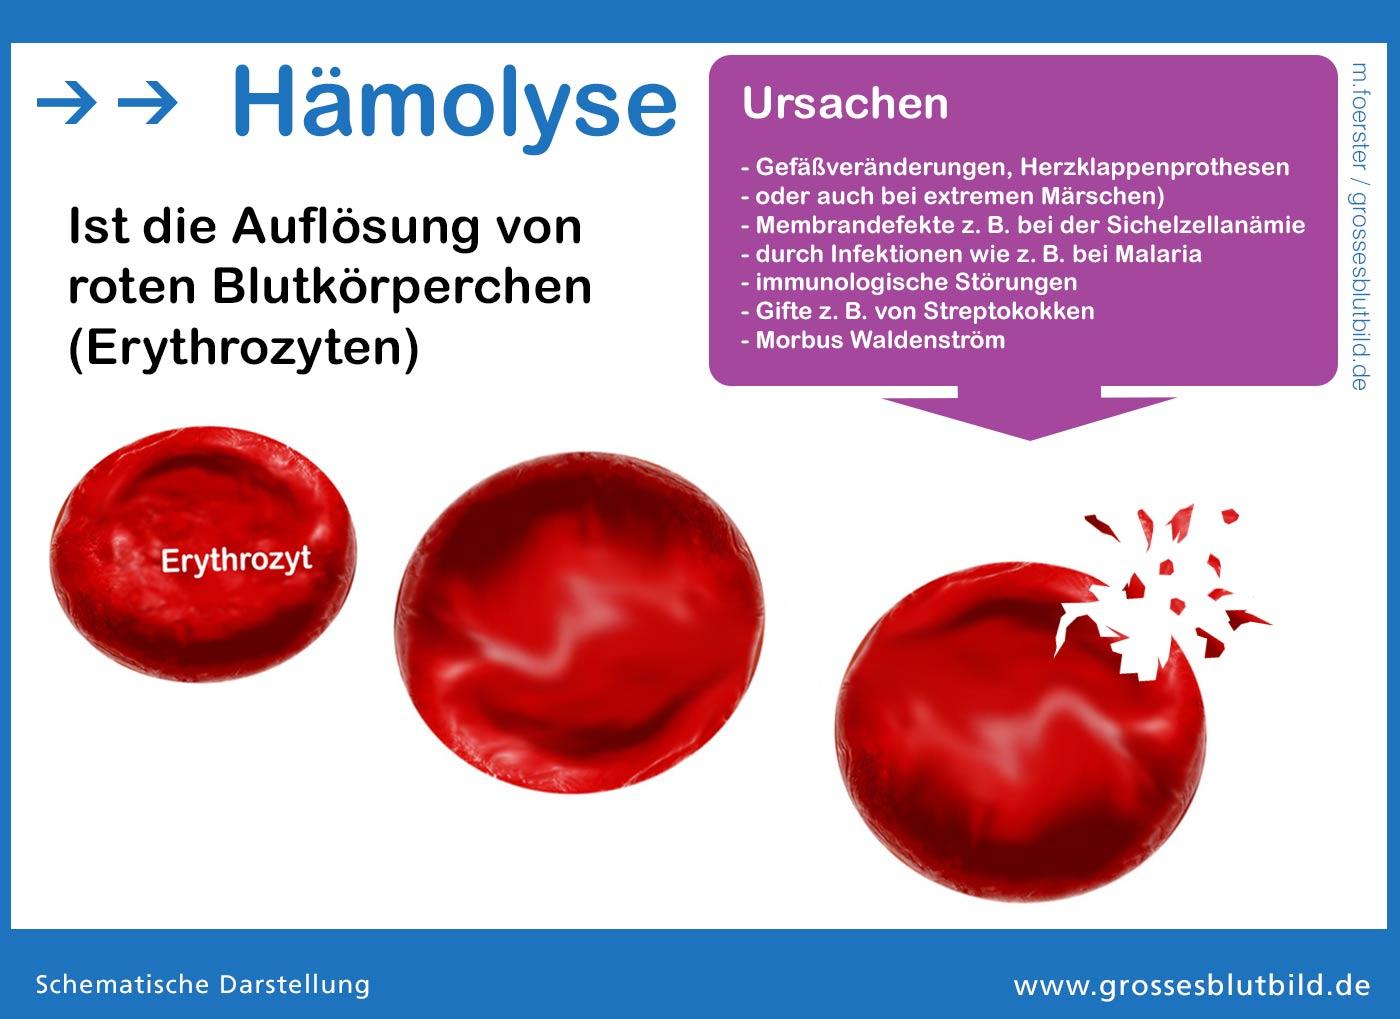 Unter Hämolyse versteht man die Auflösung roter Blutkörperchen.